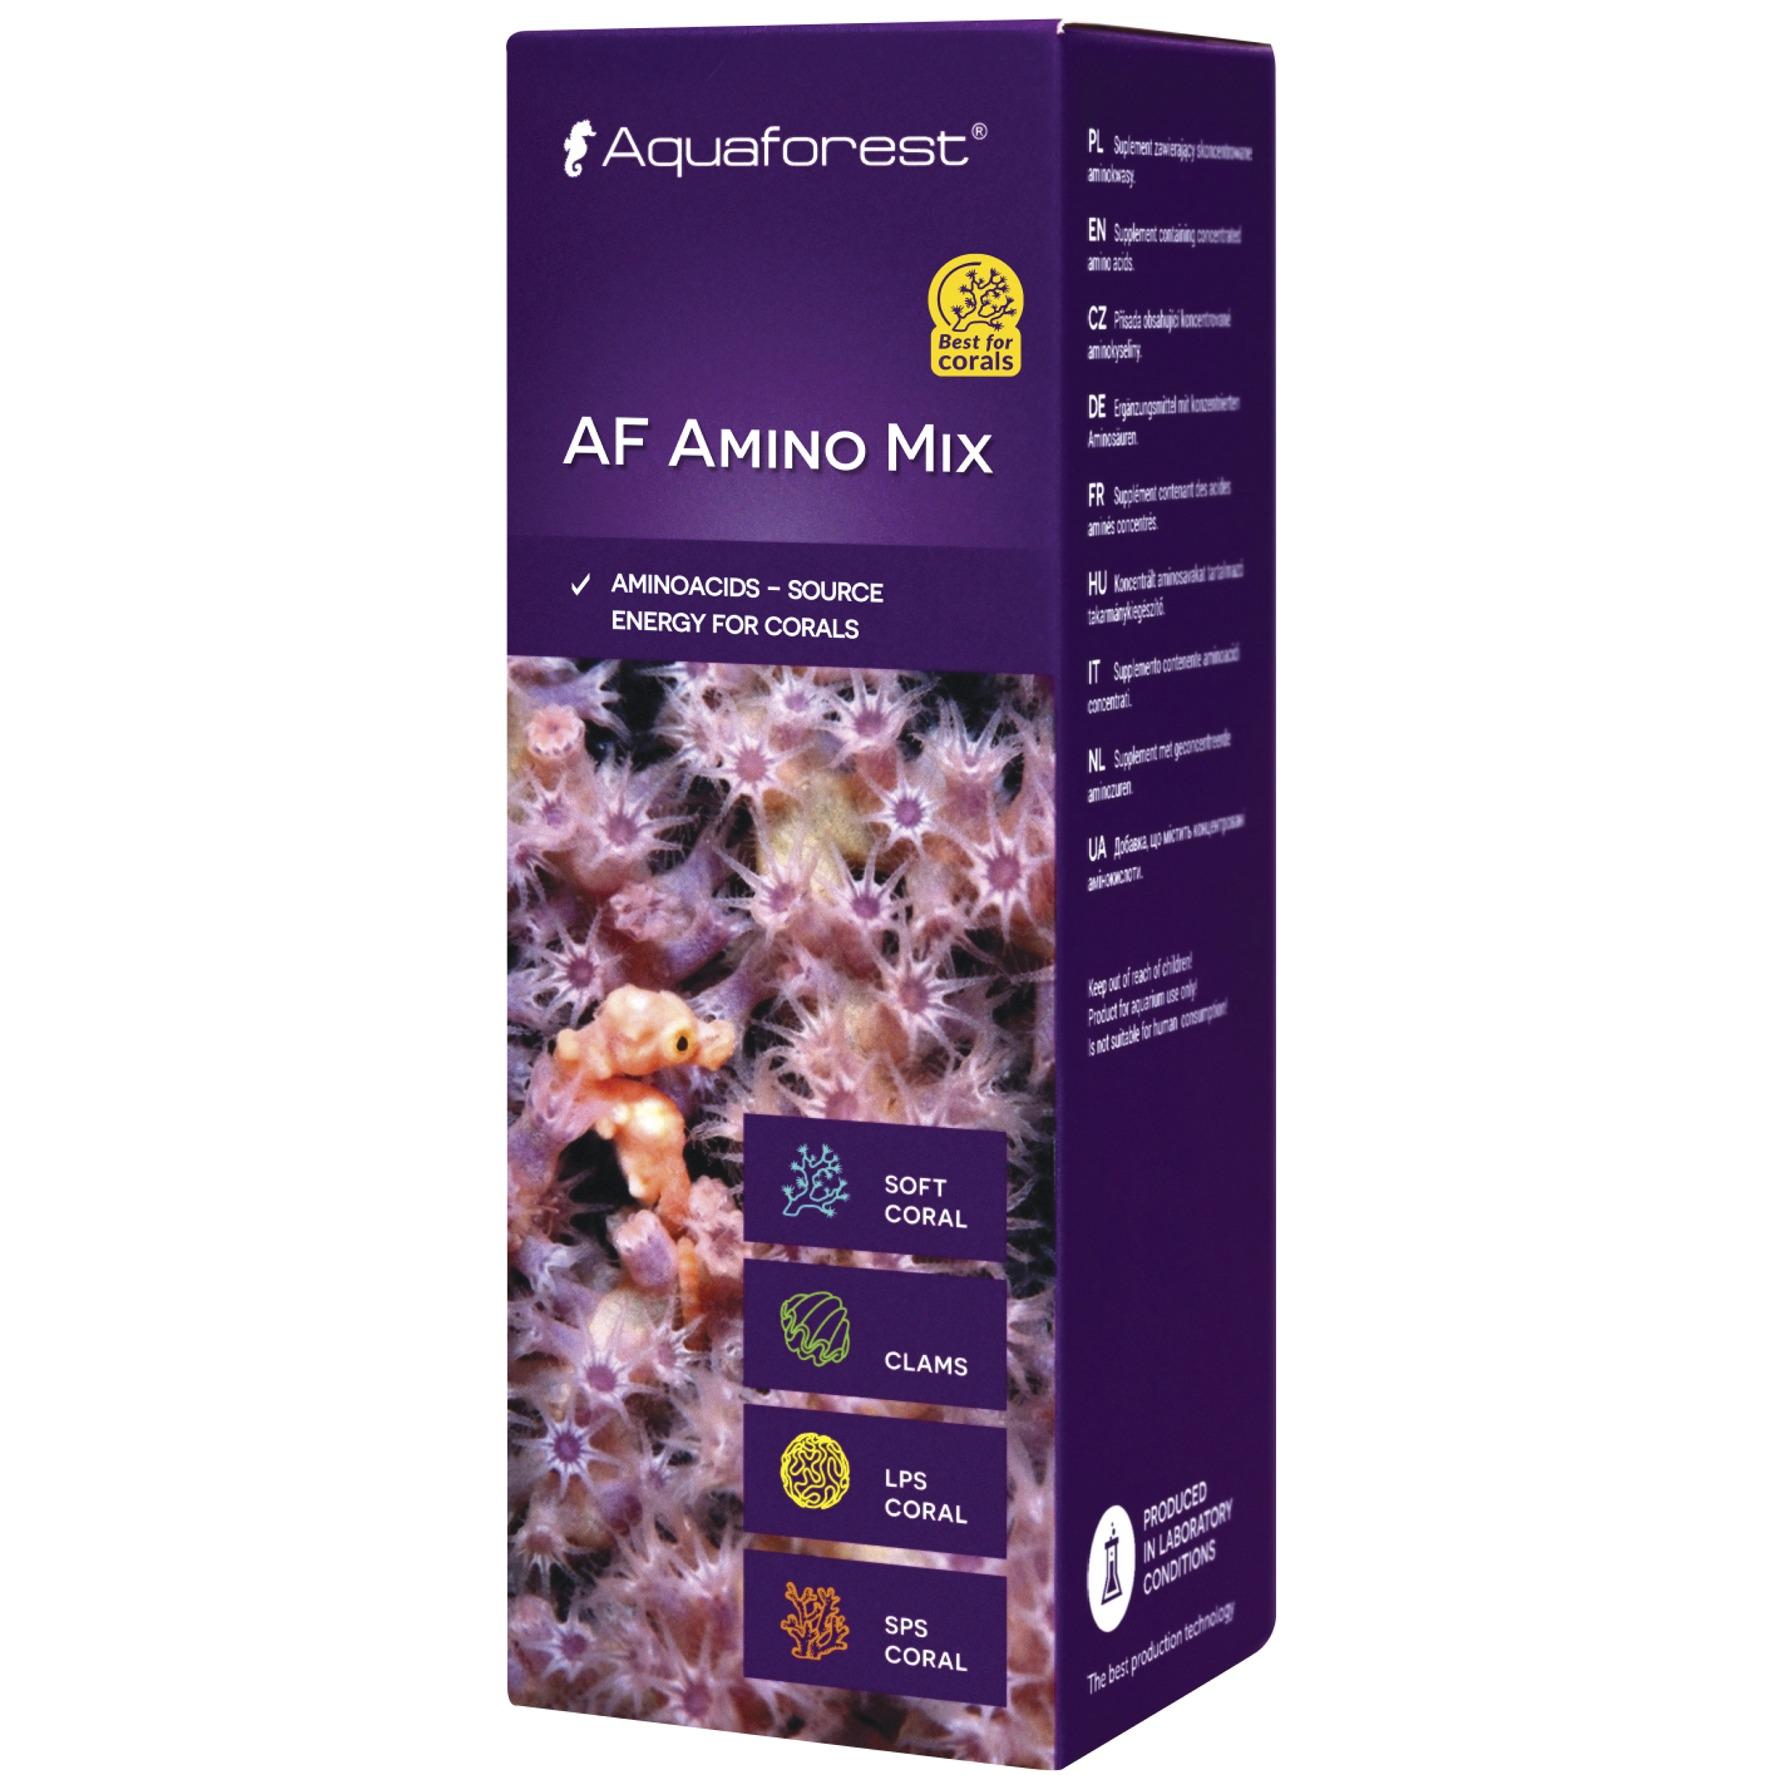 AQUAFOREST AF Amino Mix 50 ml concentré d\'acides aminés pour coraux permettant d\'augmenter leur coloration et leur résistance aux maladies